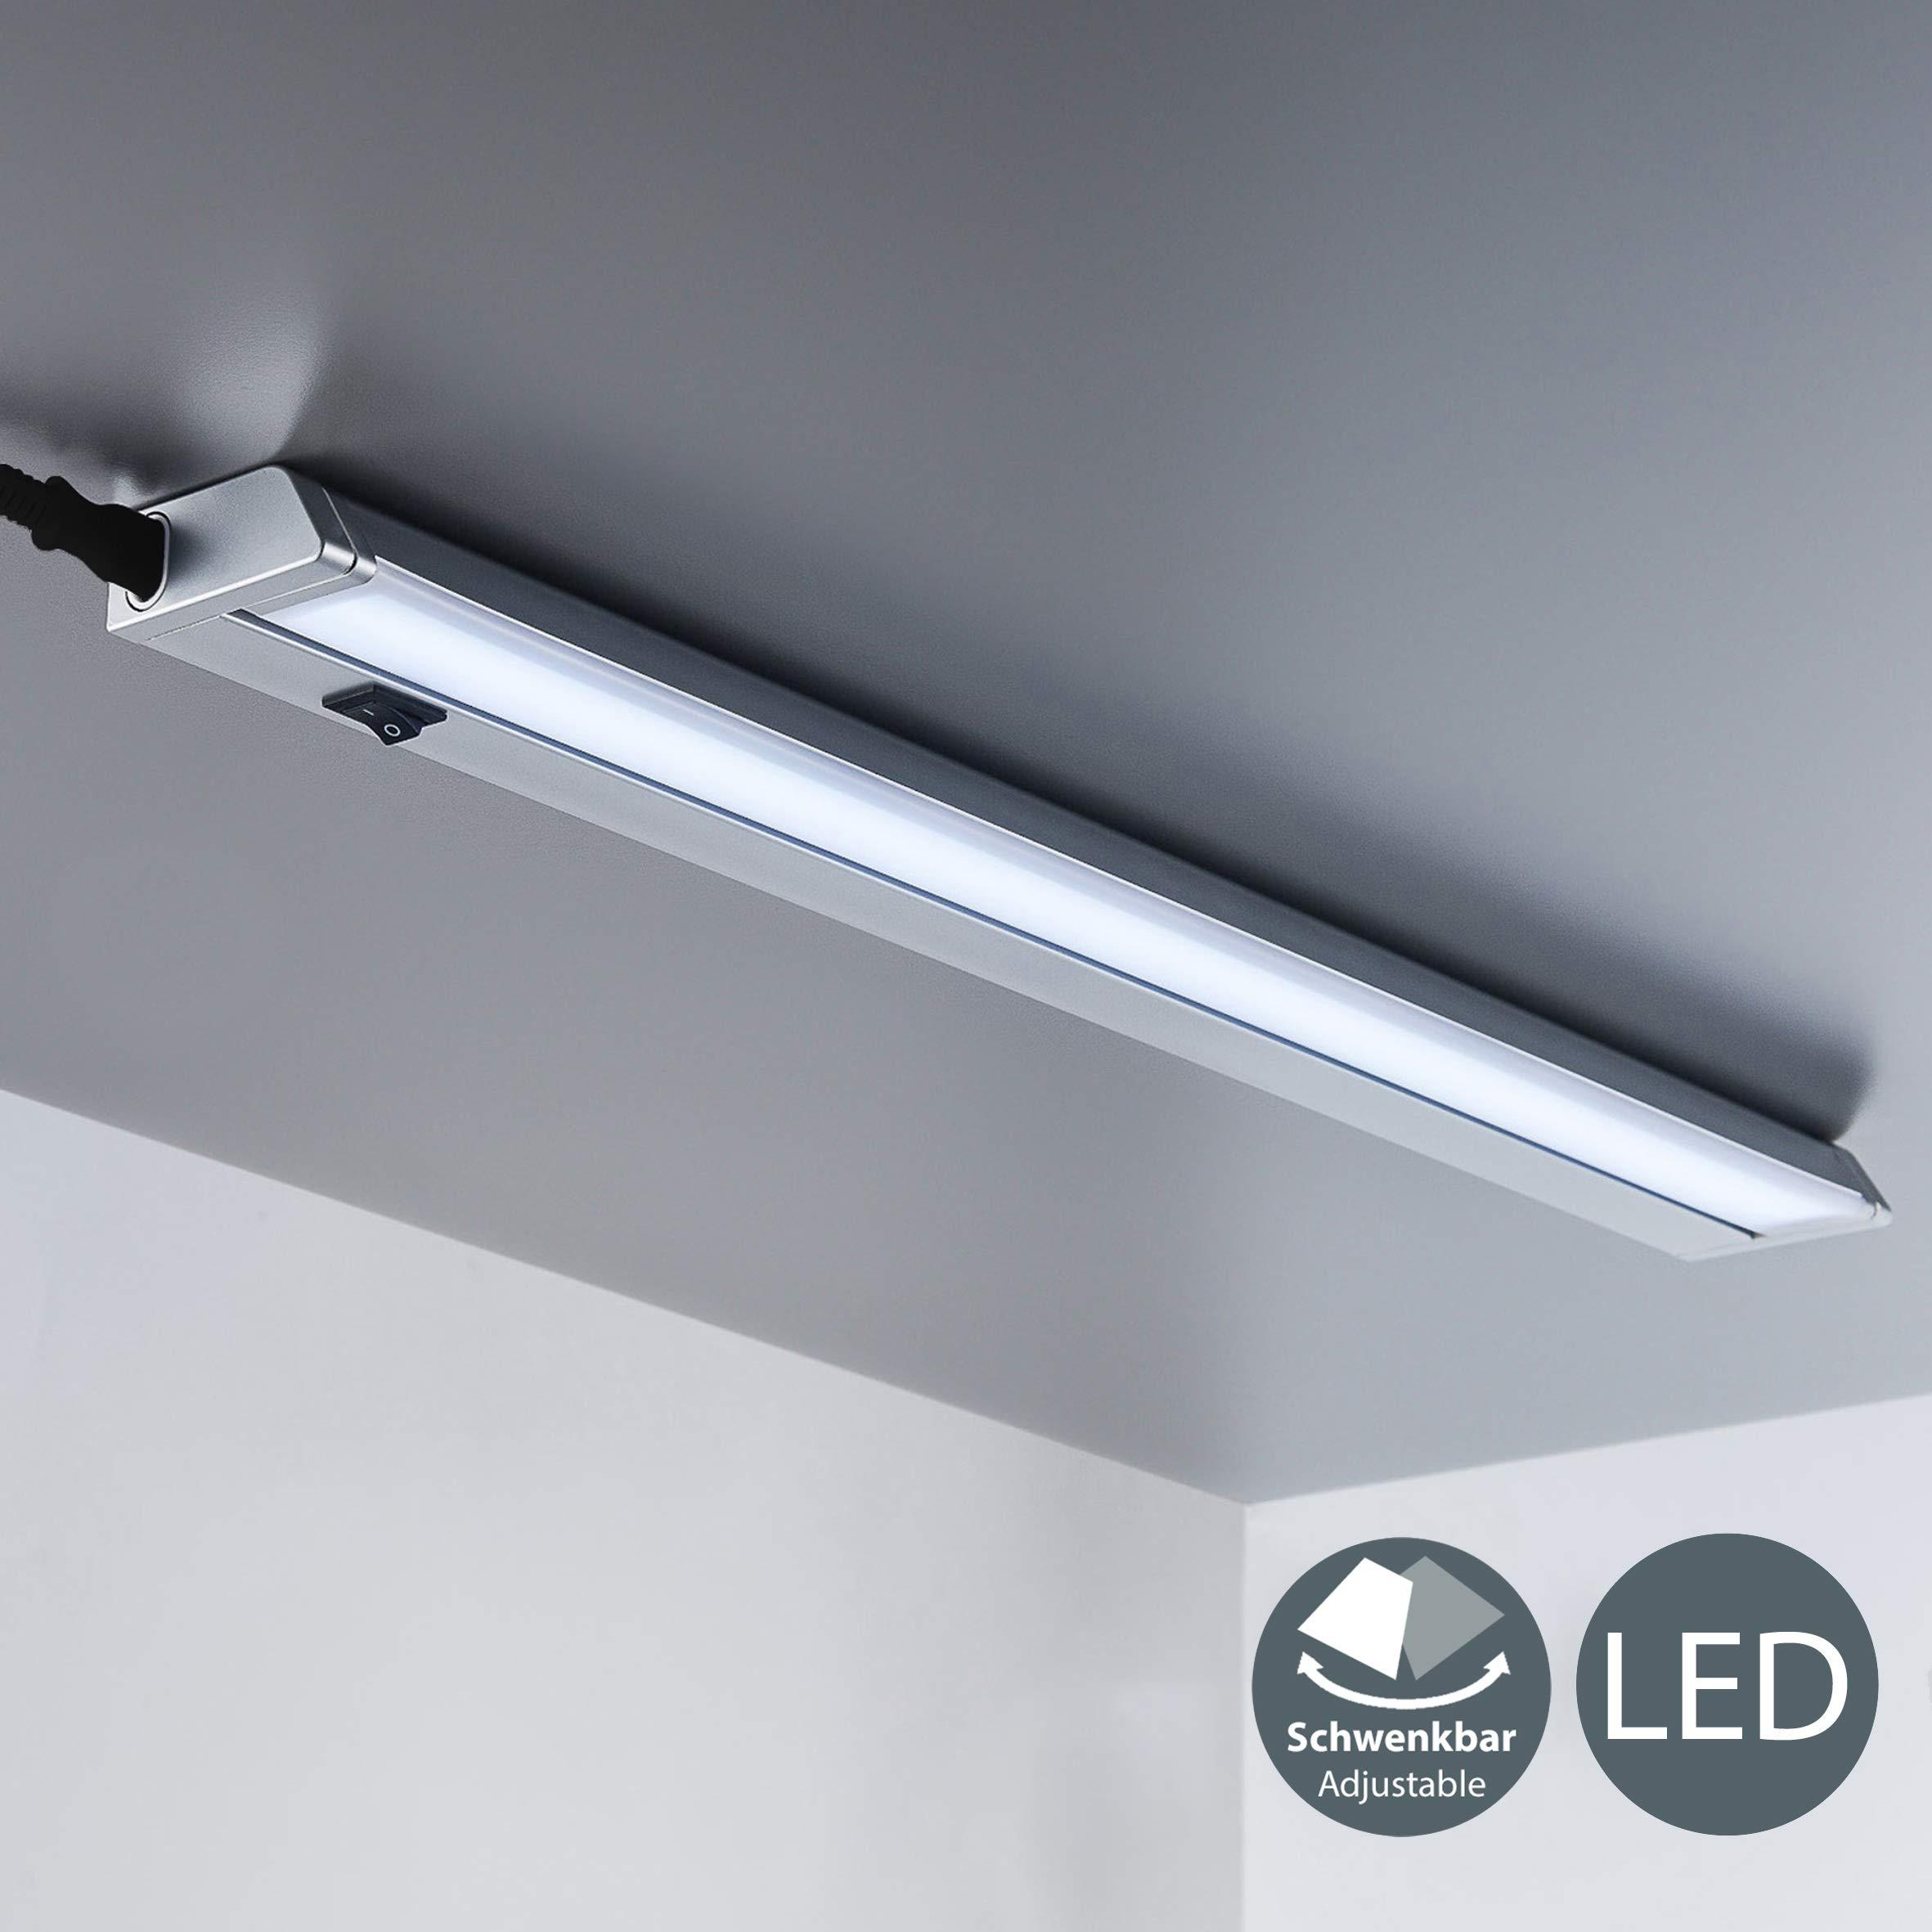 BKLicht I schwenkbare LED Unterbauleuchte I Lichtleiste I neutralweiße  Lichtfarbe 20.20KI 20.20lm I Küchenleiste I Küchenleuchte I Küchenlampe I